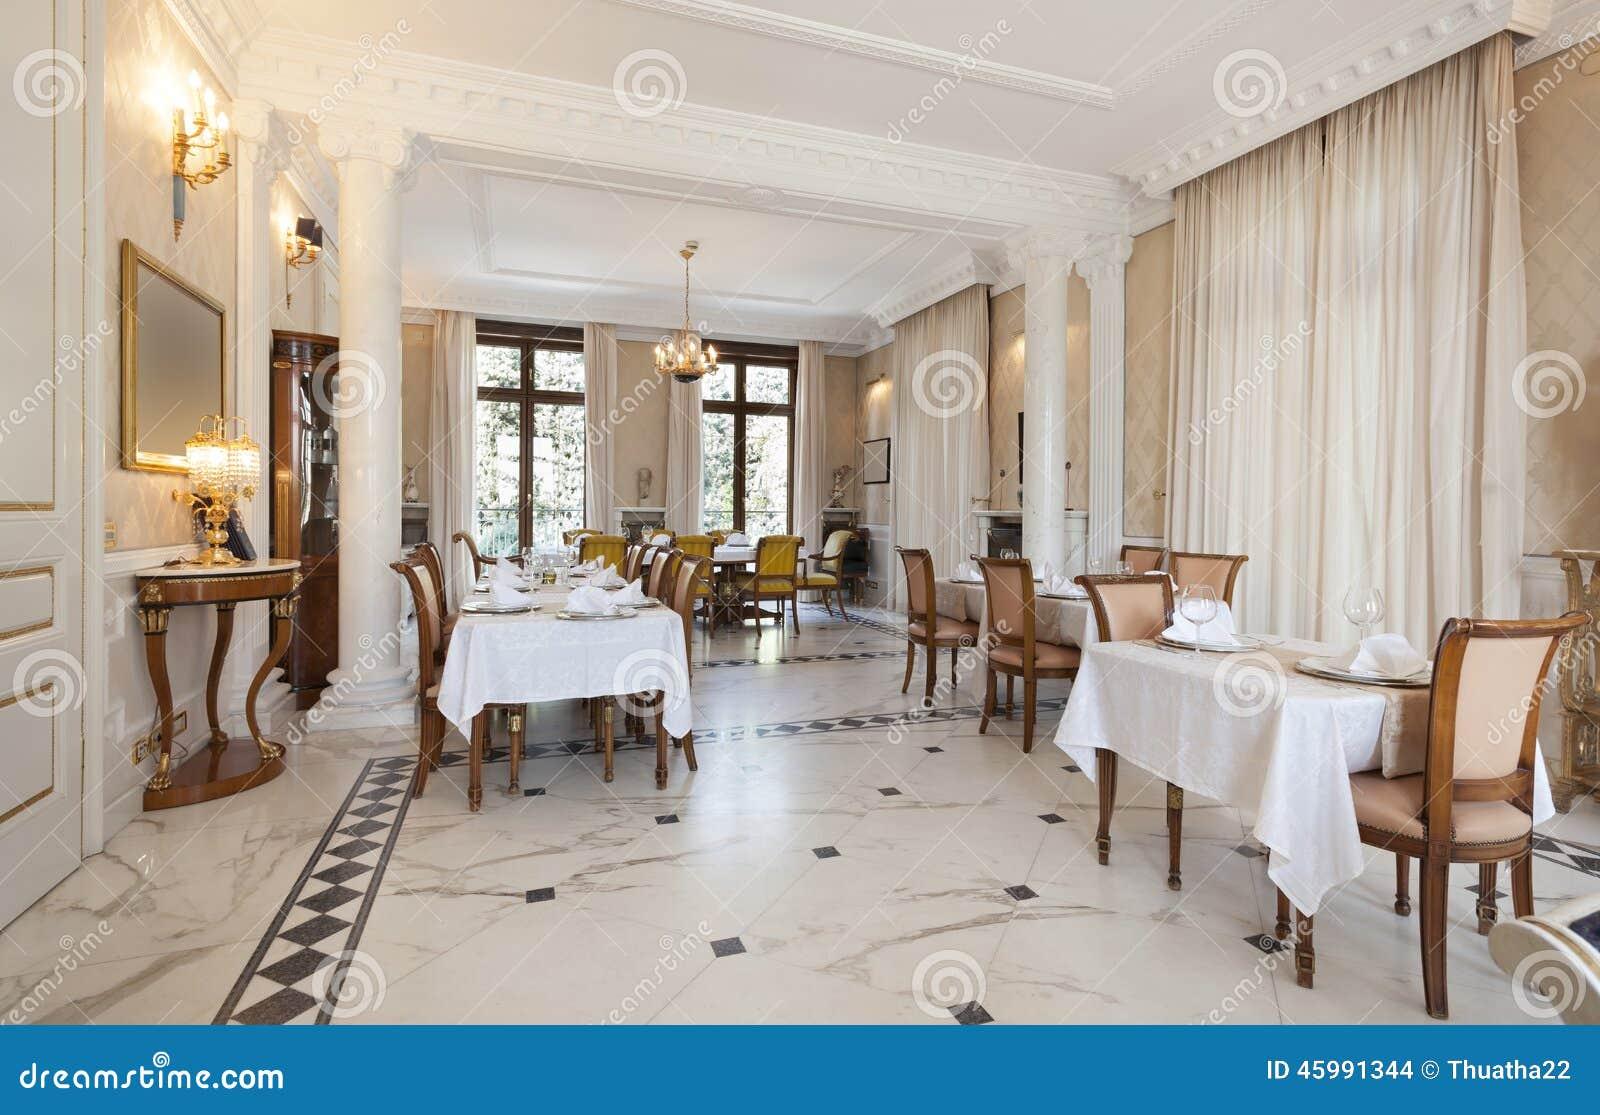 Interni Villa Di Lusso : Interno di un ristorante in villa di lusso fotografia stock